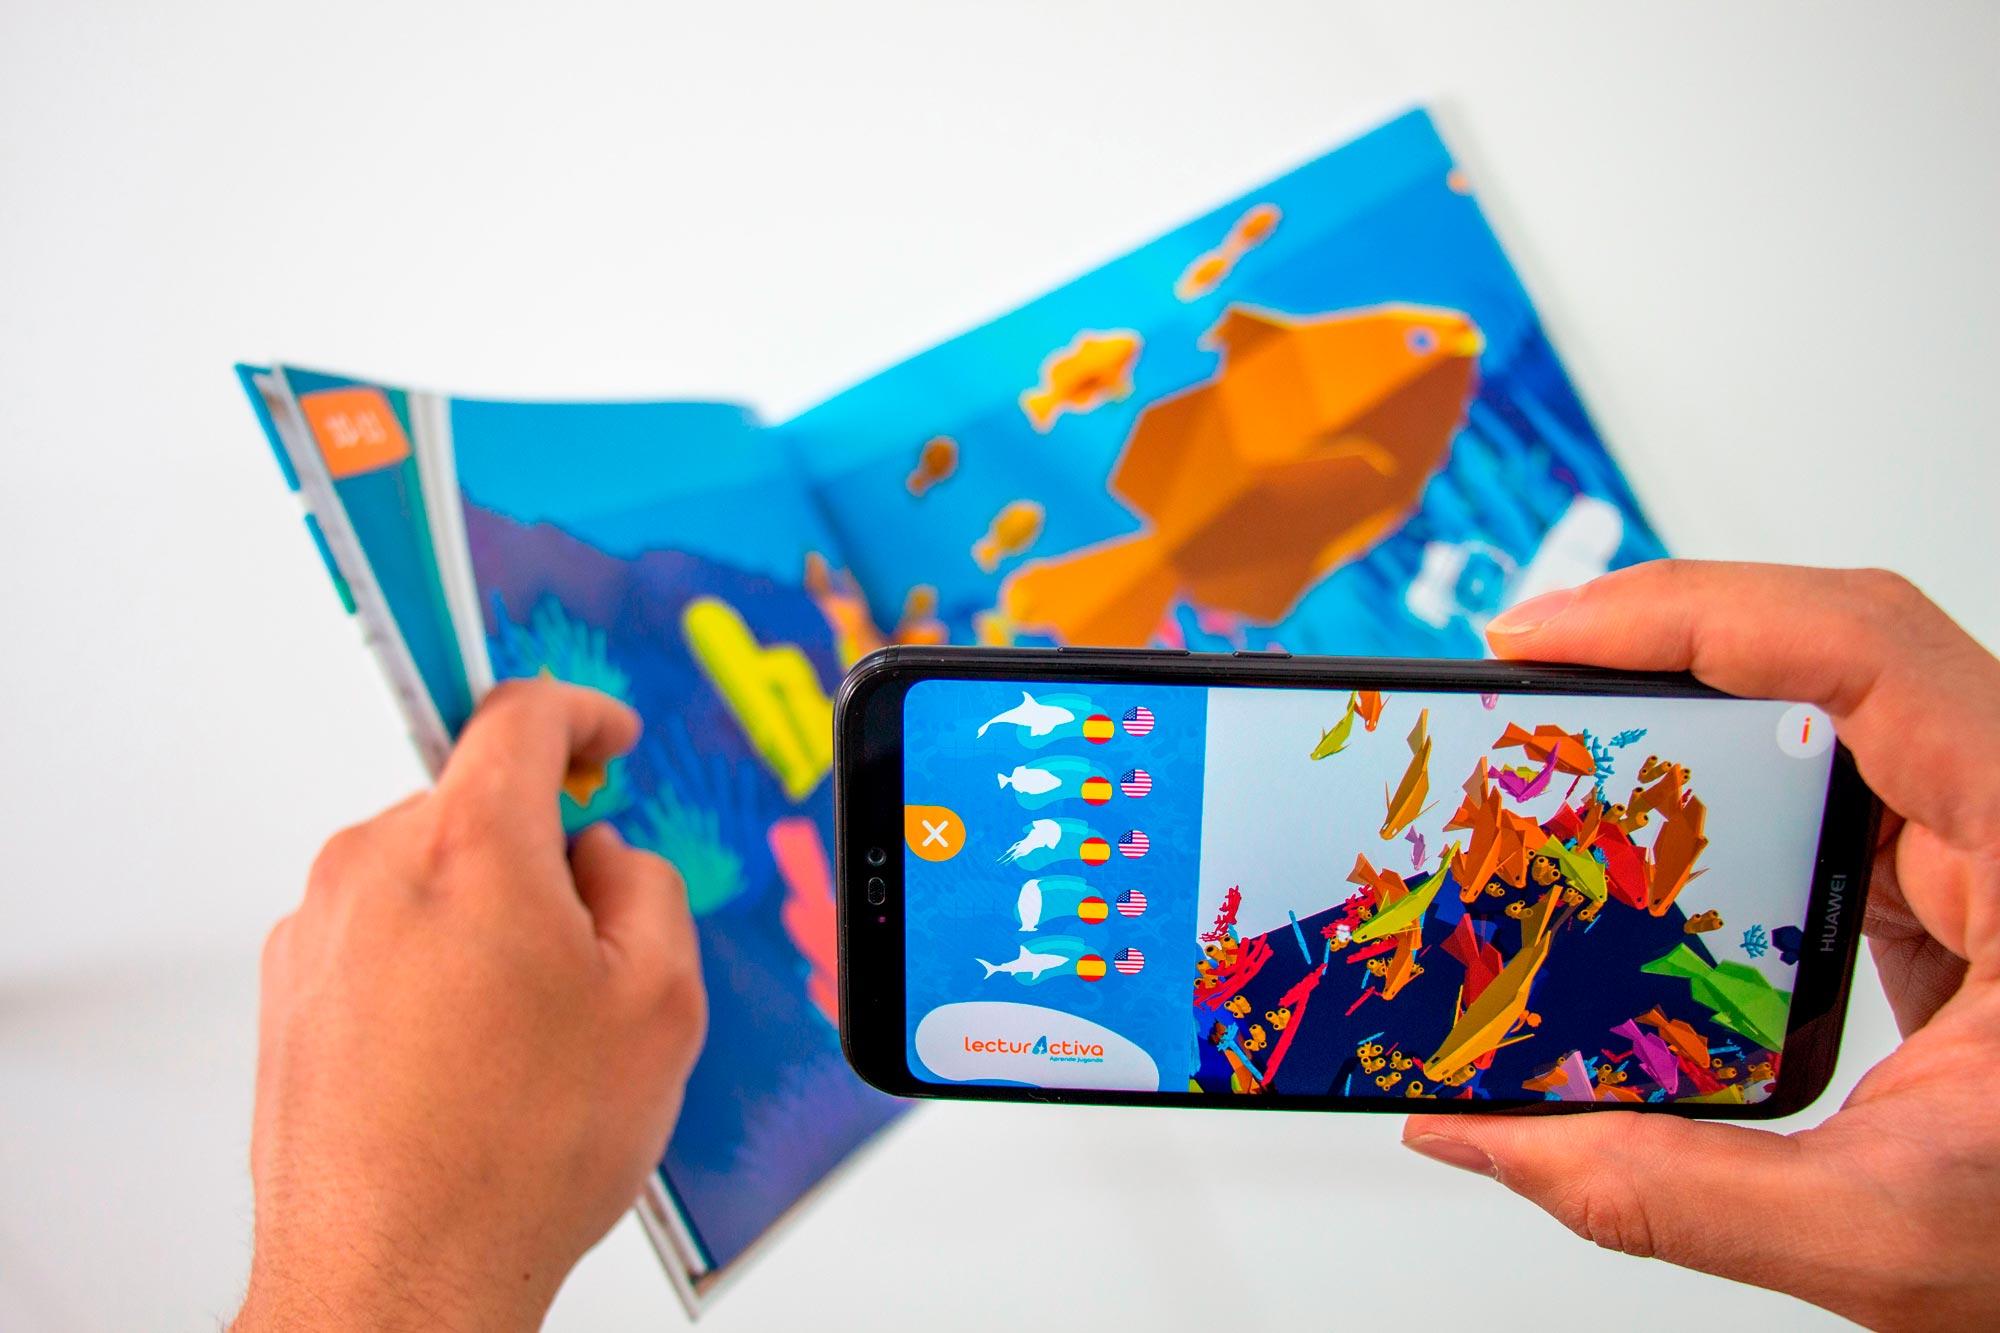 libros-interactivos-bilingues-para-niños-y-jovenes-0039